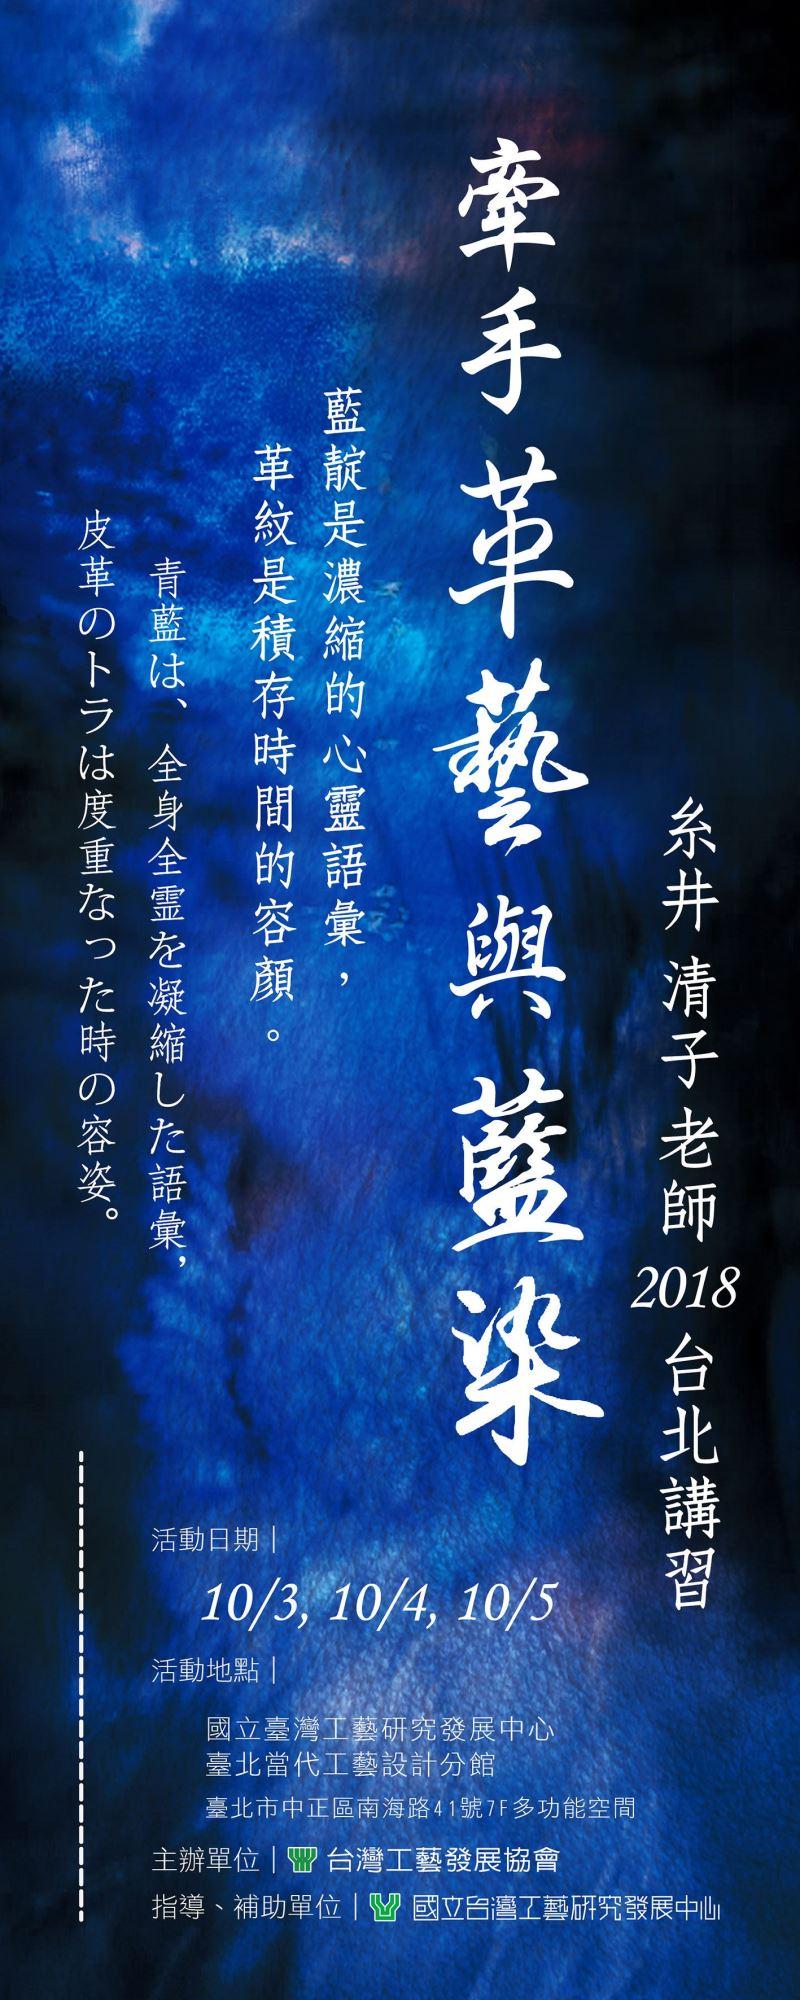 牽手革藝與藍染-糸井清子老師2018臺北講習活動海報